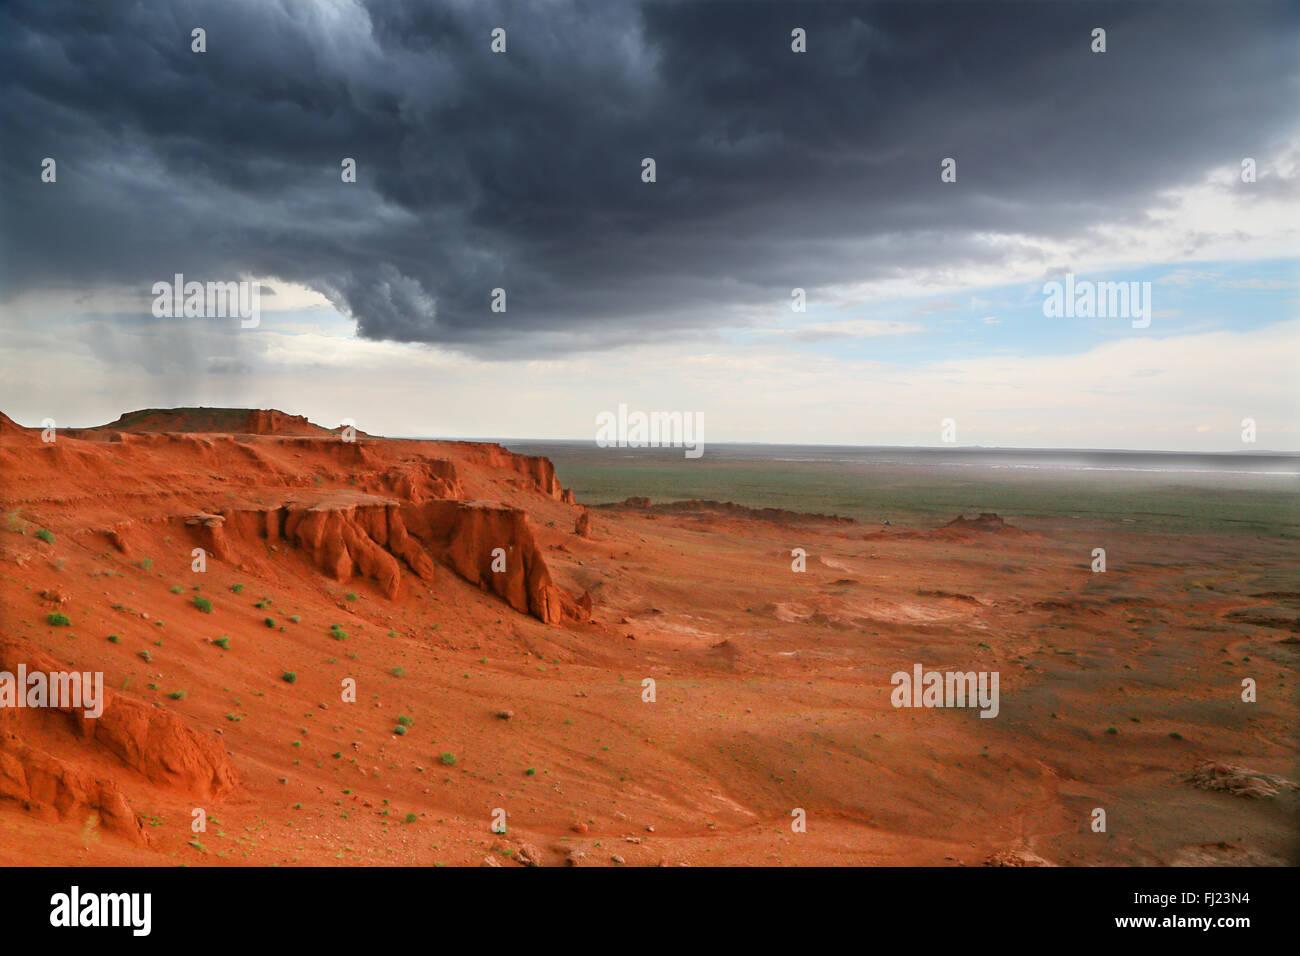 Mongolei-Landschaft - die Bayanzag flammenden Klippen Stockfoto